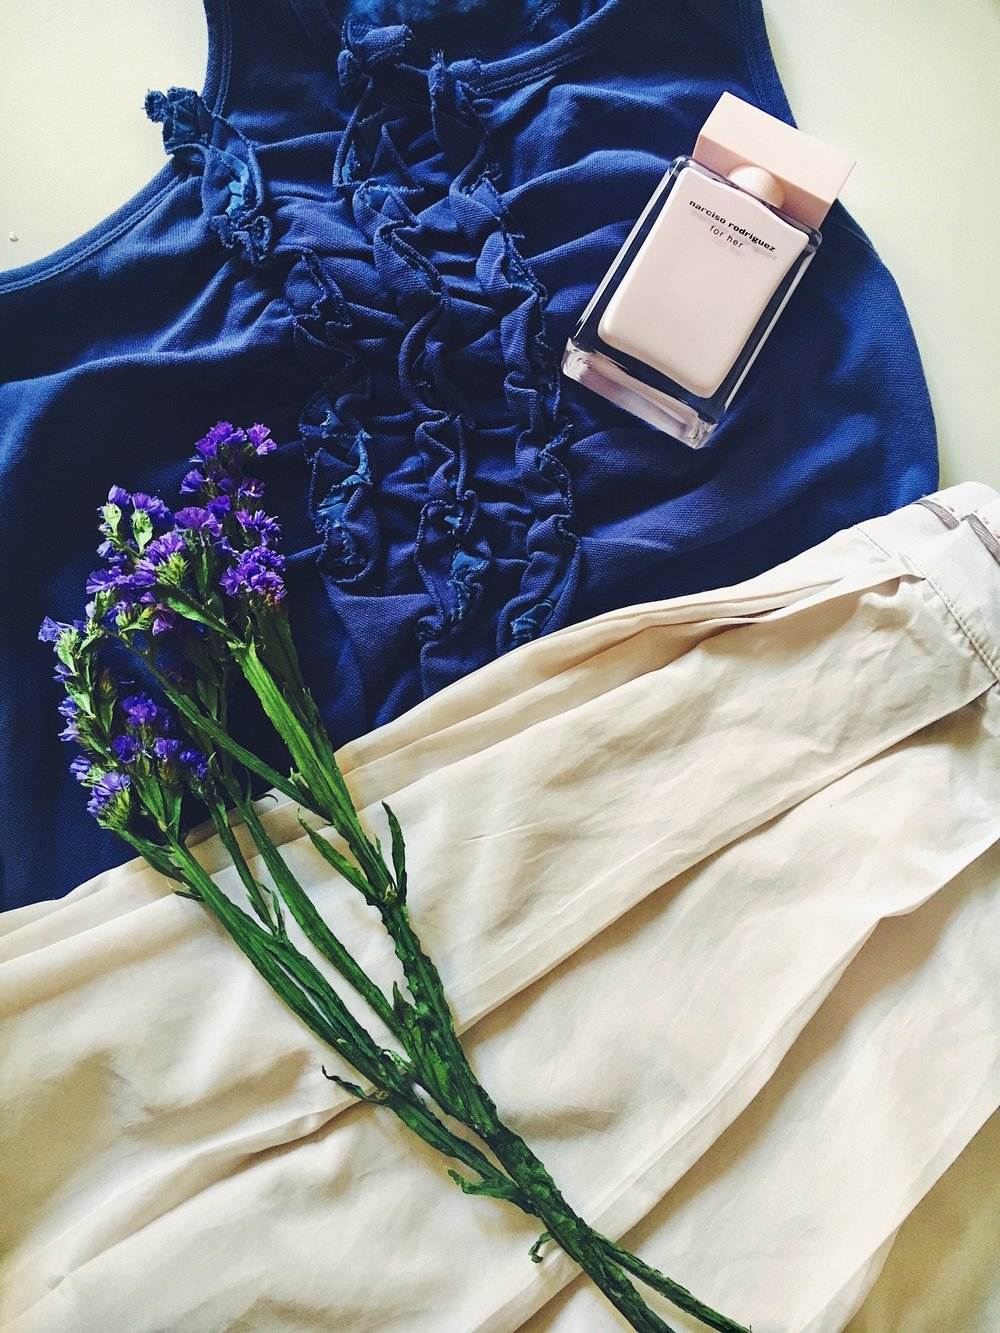 Pastel calmness - #Нежност оцветена в лилаво-розов пастел иаромат for her